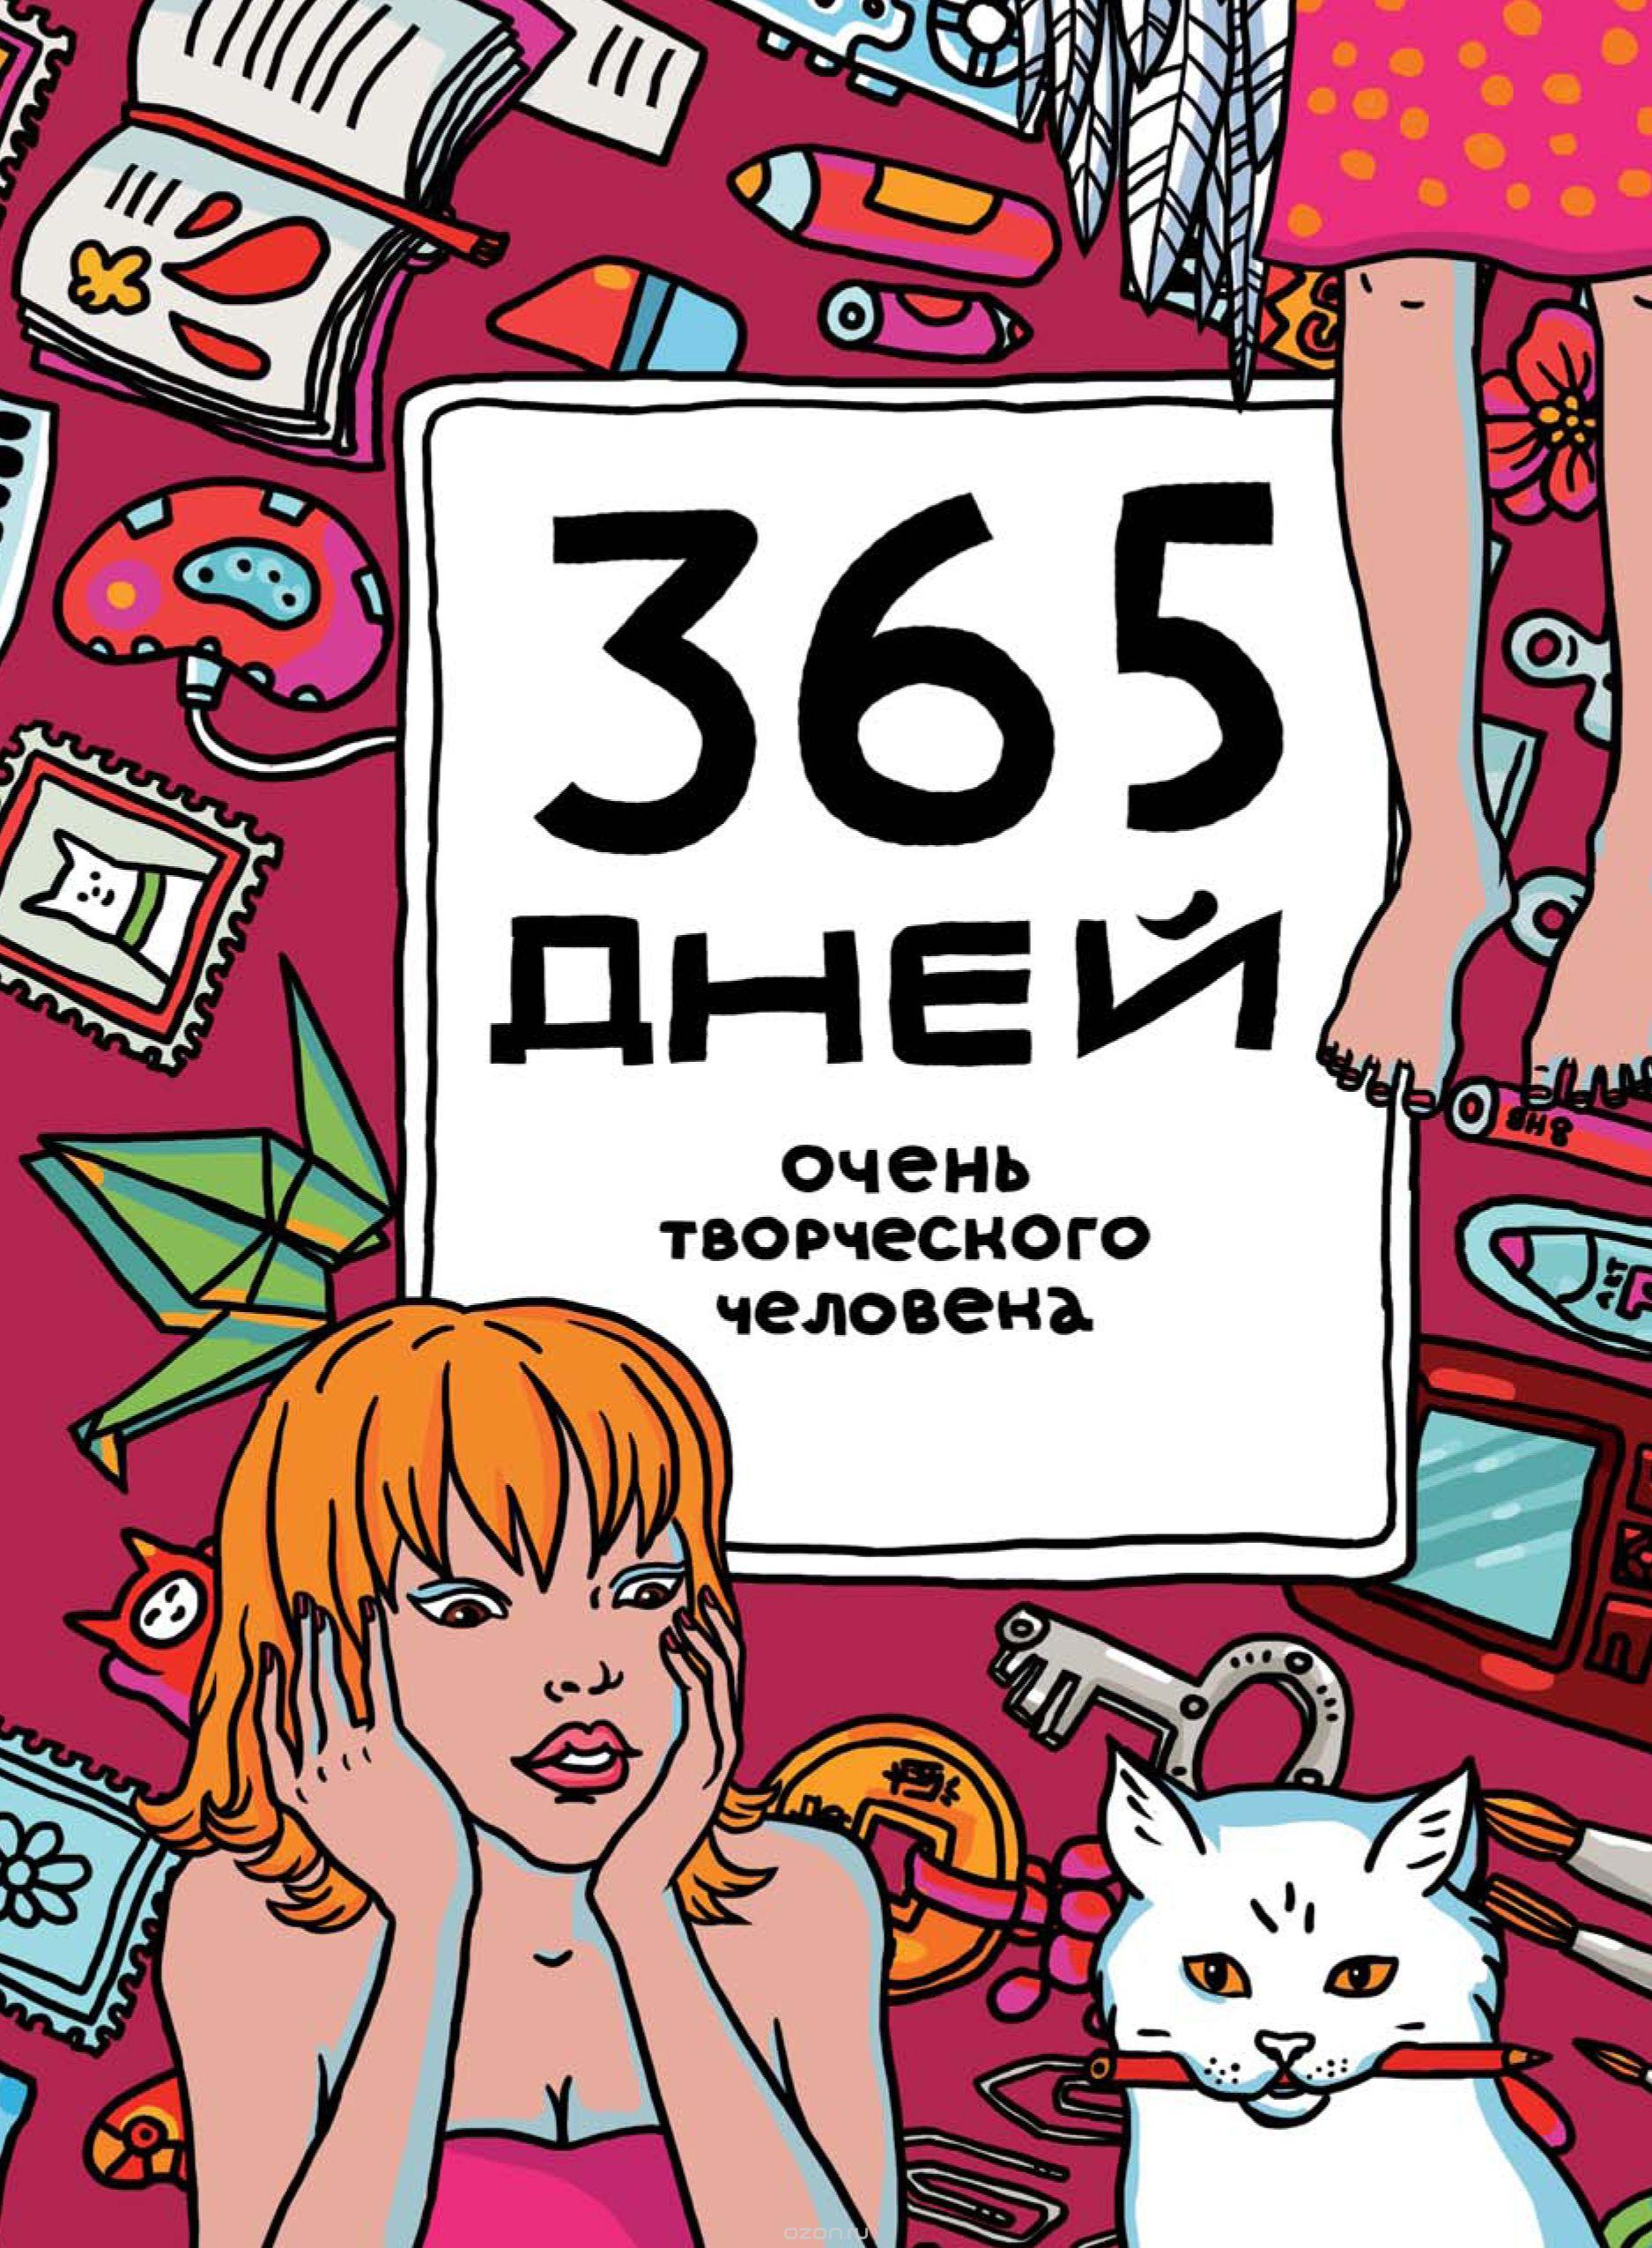 Купить 365 дней очень творческого человека, Яна Франк, 978-5-91657-745-7, 978-5-91657-746-4